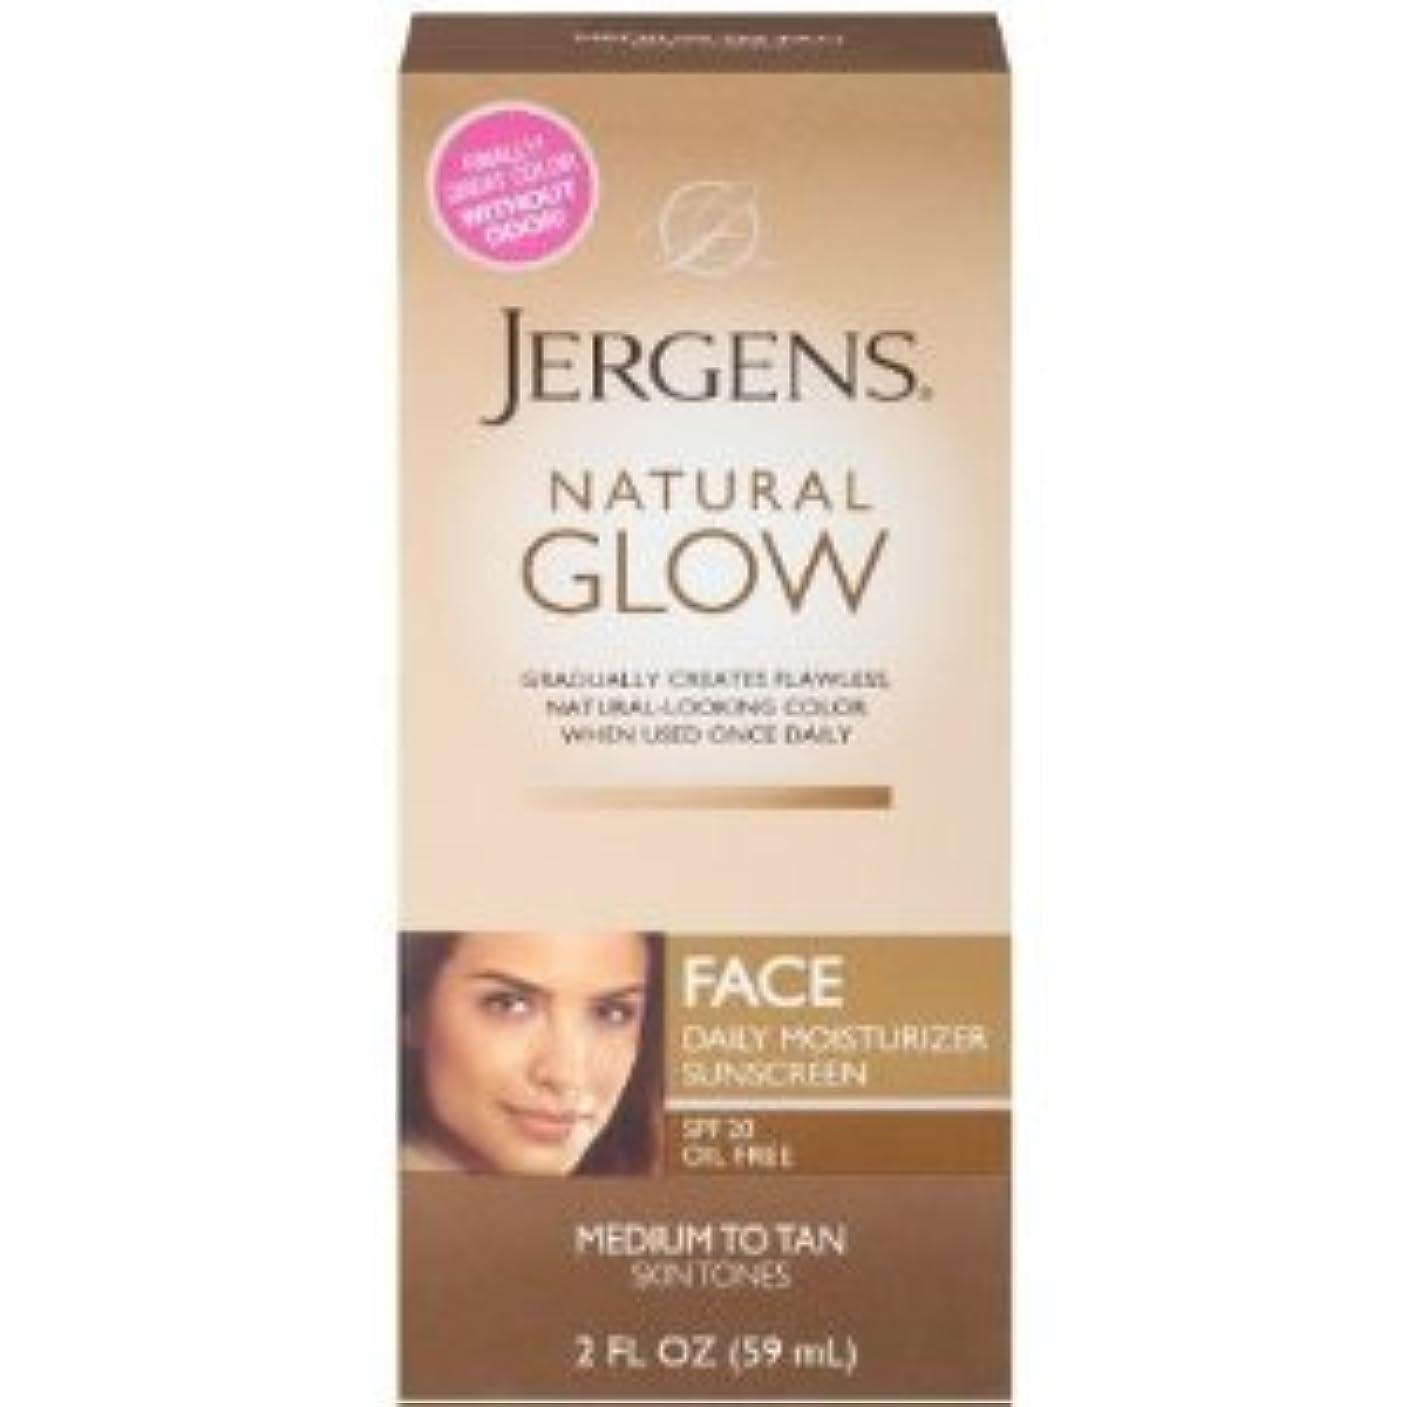 取り囲むピンチチョークNatural Glow Healthy Complexion Daily Facial Moisturizer, SPF 20, Medium to Tan, (59ml) (海外直送品)